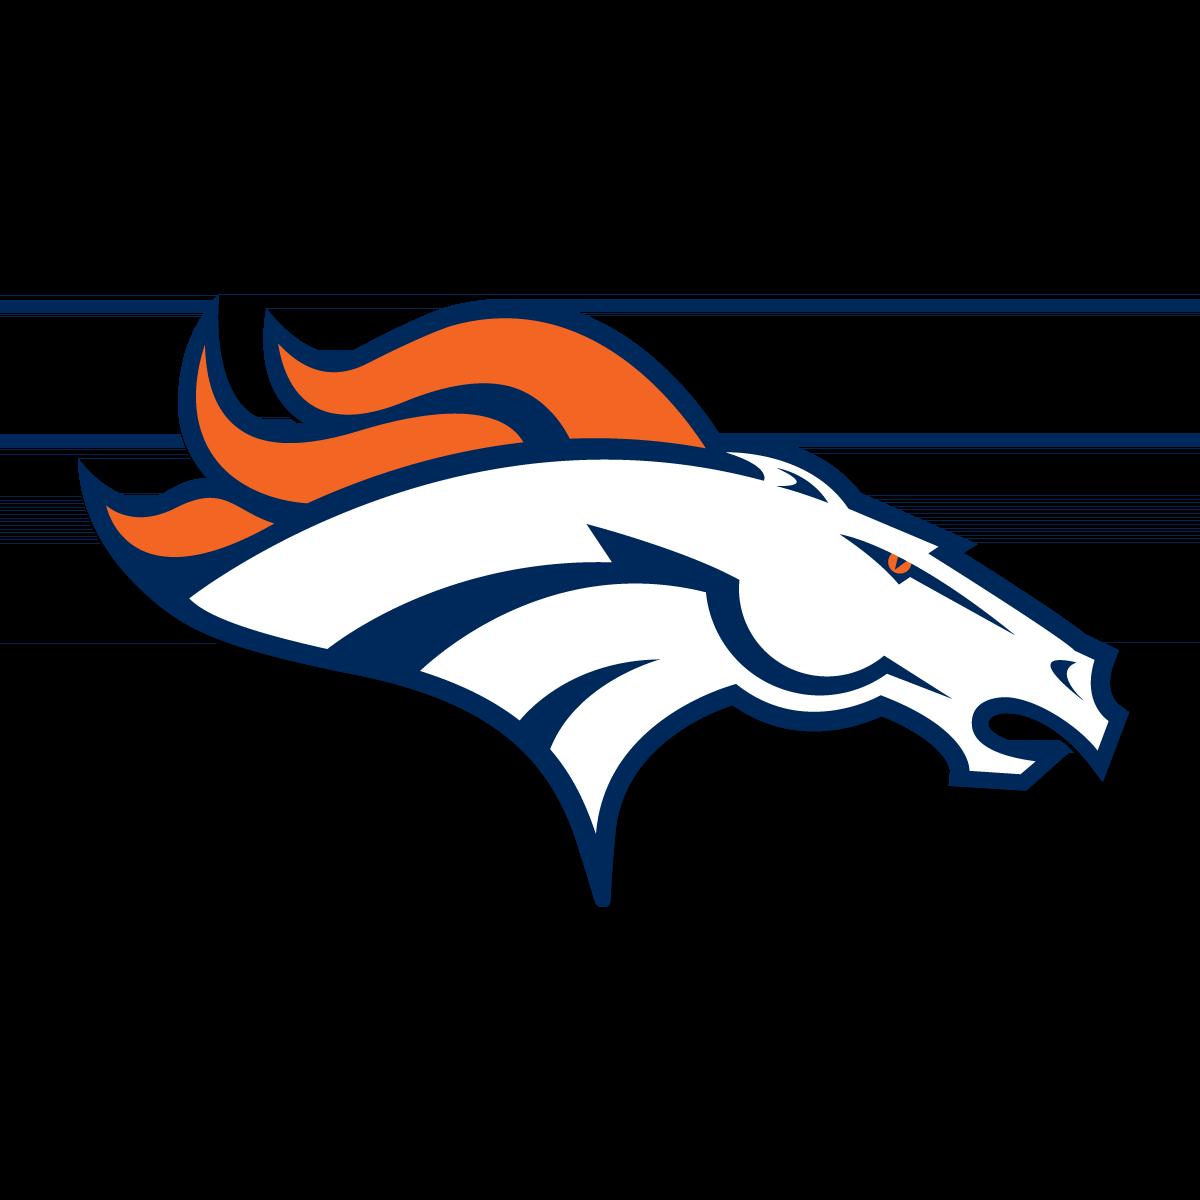 High Resolution Wallpaper   Denver Broncos 1200x1200 px